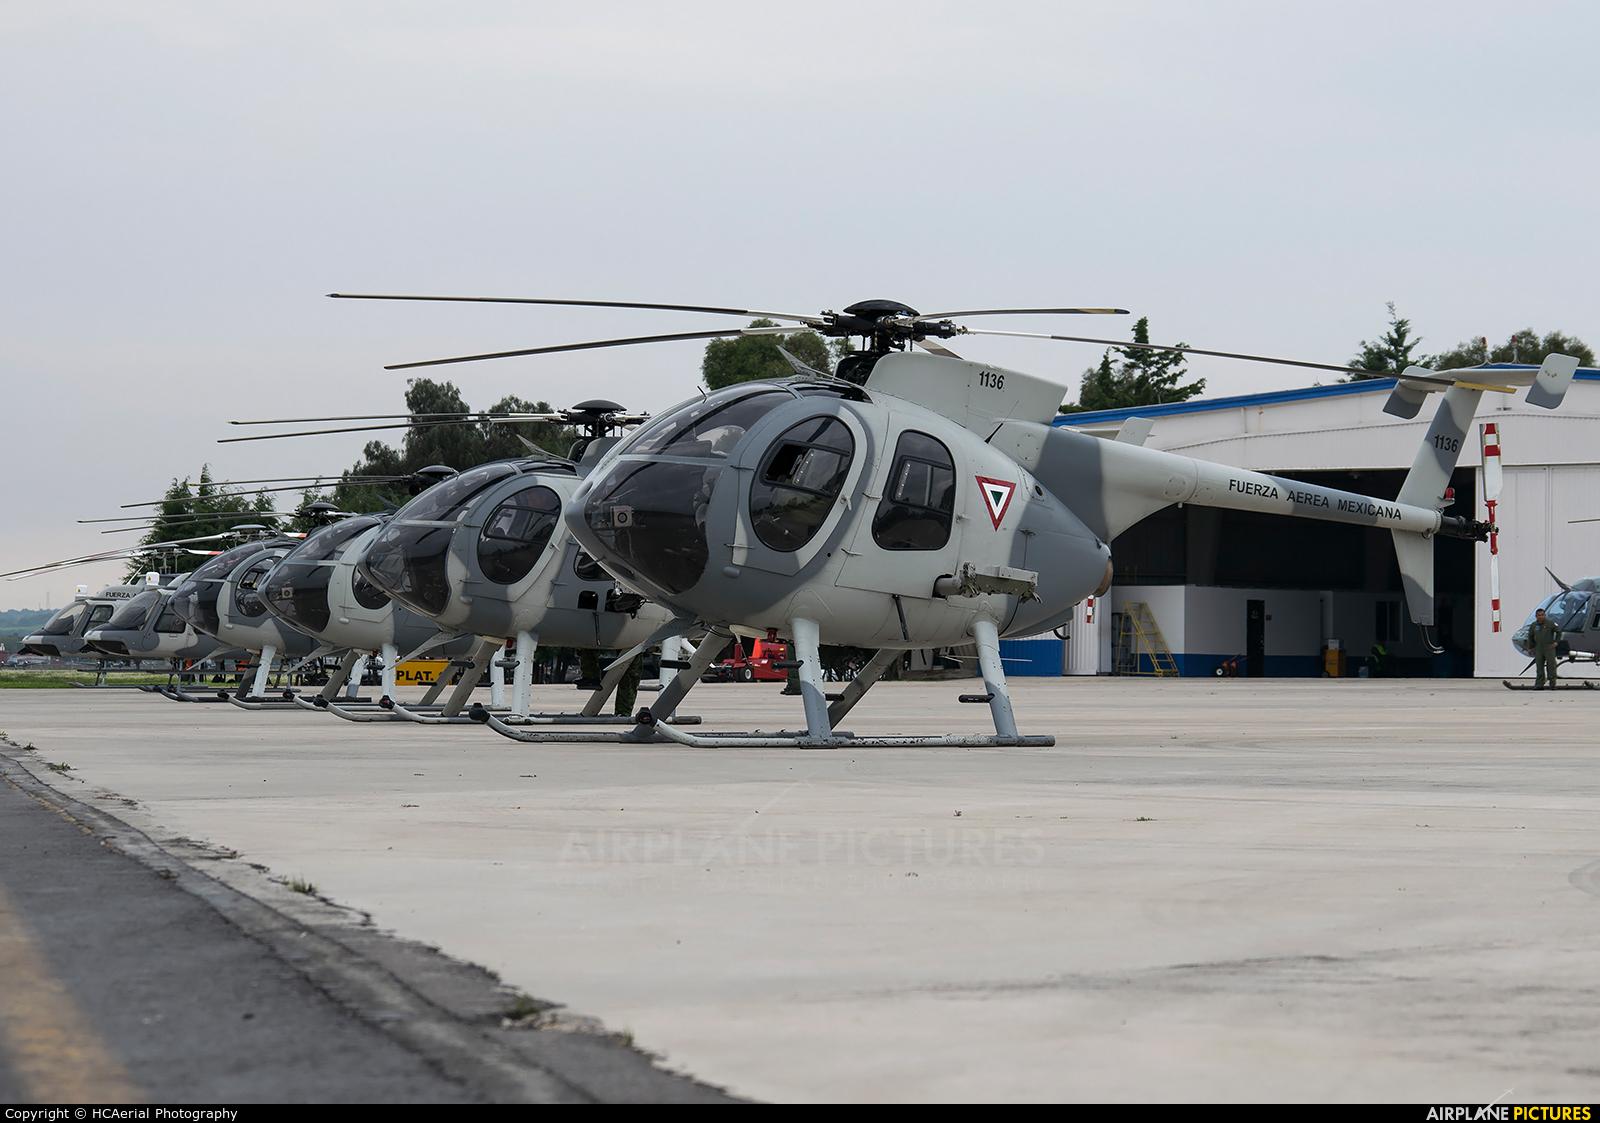 Mexico - Air Force 1136 aircraft at Santa Lucia AB